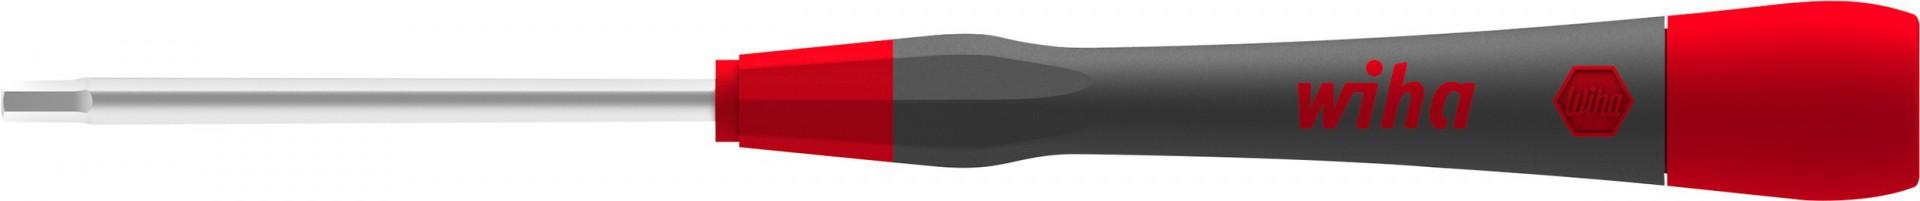 Wkrętak precyzyjny imbusowy HEX 0,7 x 40 mm PicoFinish WIHA (nr kat. 42420)